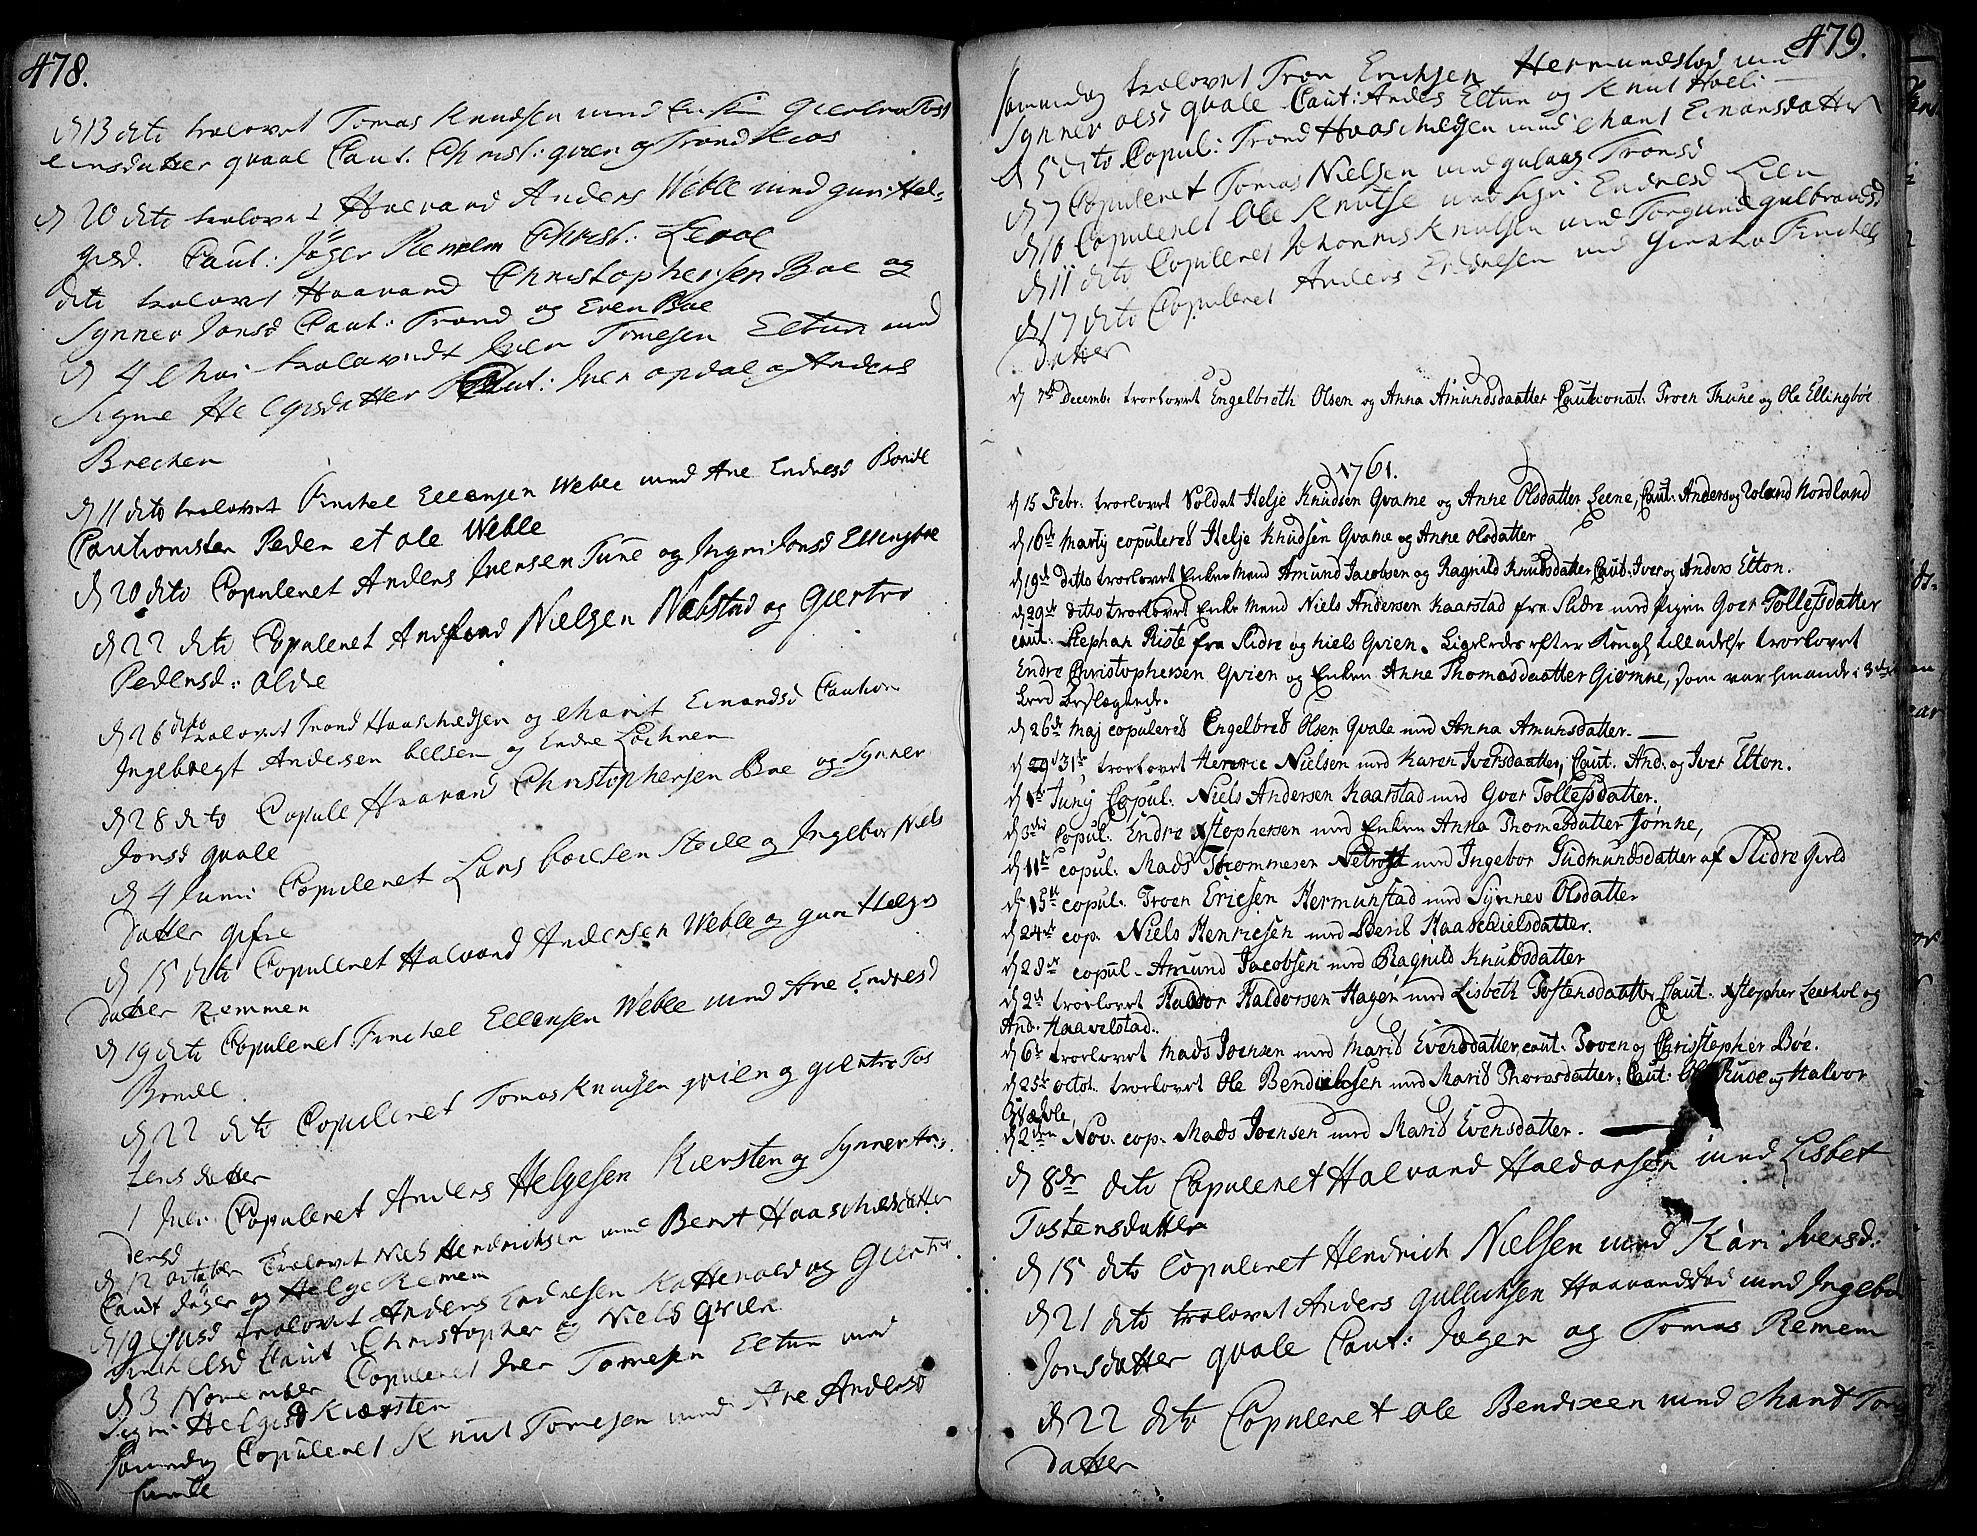 SAH, Vang prestekontor, Valdres, Ministerialbok nr. 1, 1730-1796, s. 478-479